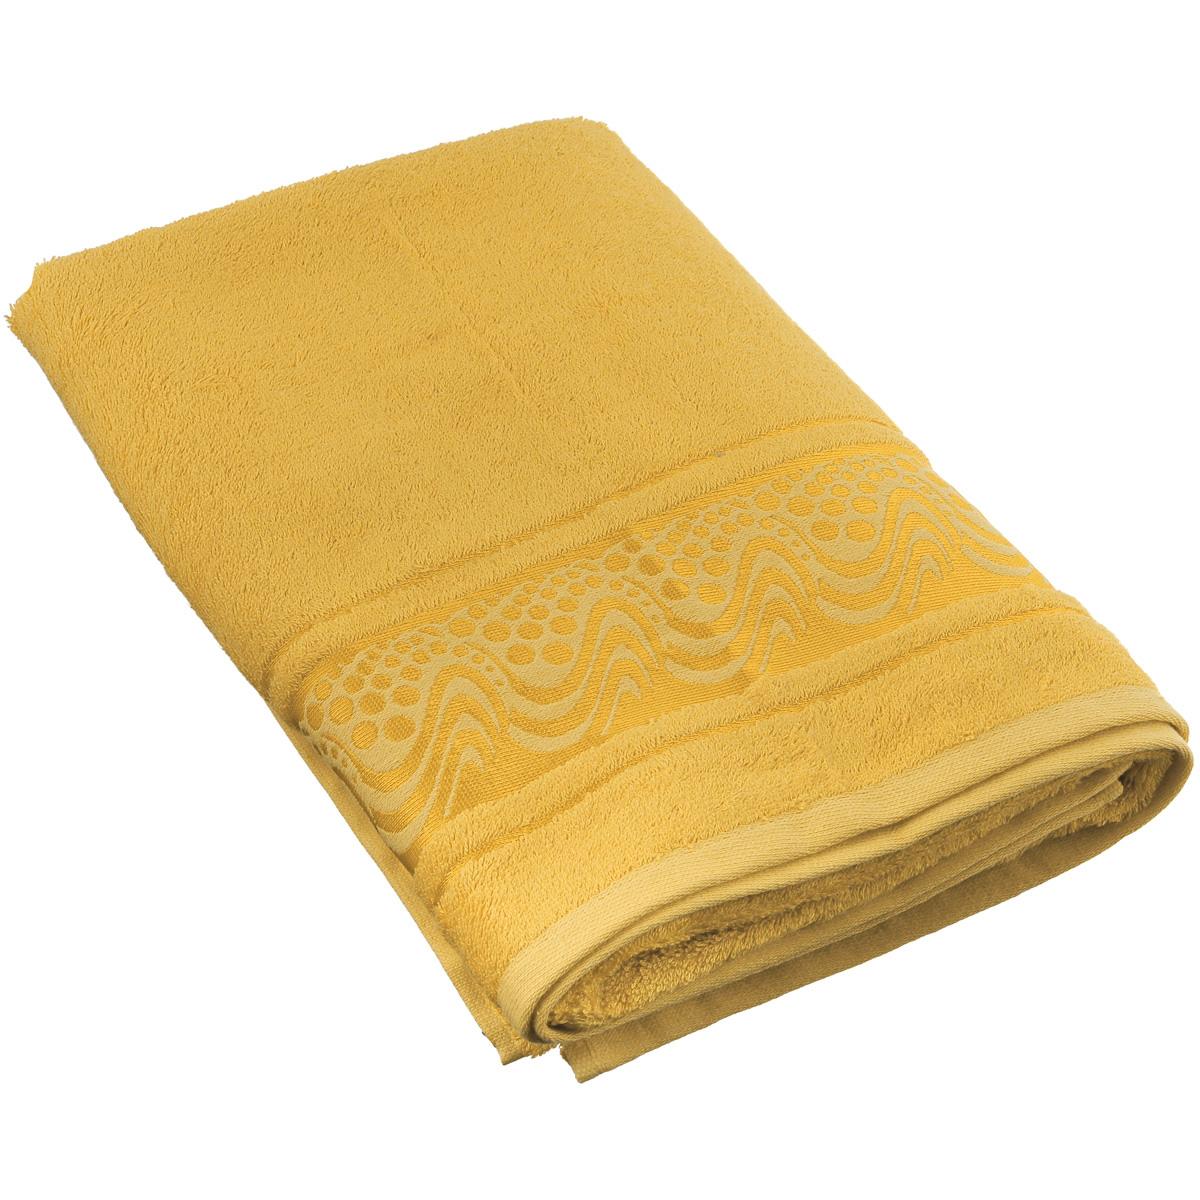 Полотенце Mariposa Aqua, цвет: золотистый, 70 см х 140 см62444Полотенце Mariposa Aqua, изготовленное из 60% бамбука и 40% хлопка, подарит массу положительных эмоций и приятных ощущений. Полотенца из бамбука только издали похожи на обычные. На самом деле, при первом же прикосновении вы ощутите невероятную мягкость и шелковистость. Таким полотенцем не нужно вытираться - только коснитесь кожи - и ткань сама все впитает! Несмотря на богатую плотность и высокую петлю полотенца, оно быстро сохнет, остается легким даже при намокании. Полотенце оформлено волнистым рисунком. Благородный тон создает уют и подчеркивает лучшие качества махровой ткани. Полотенце Mariposa Aqua станет достойным выбором для вас и приятным подарком для ваших близких. Размер полотенца: 70 см х 140 см.